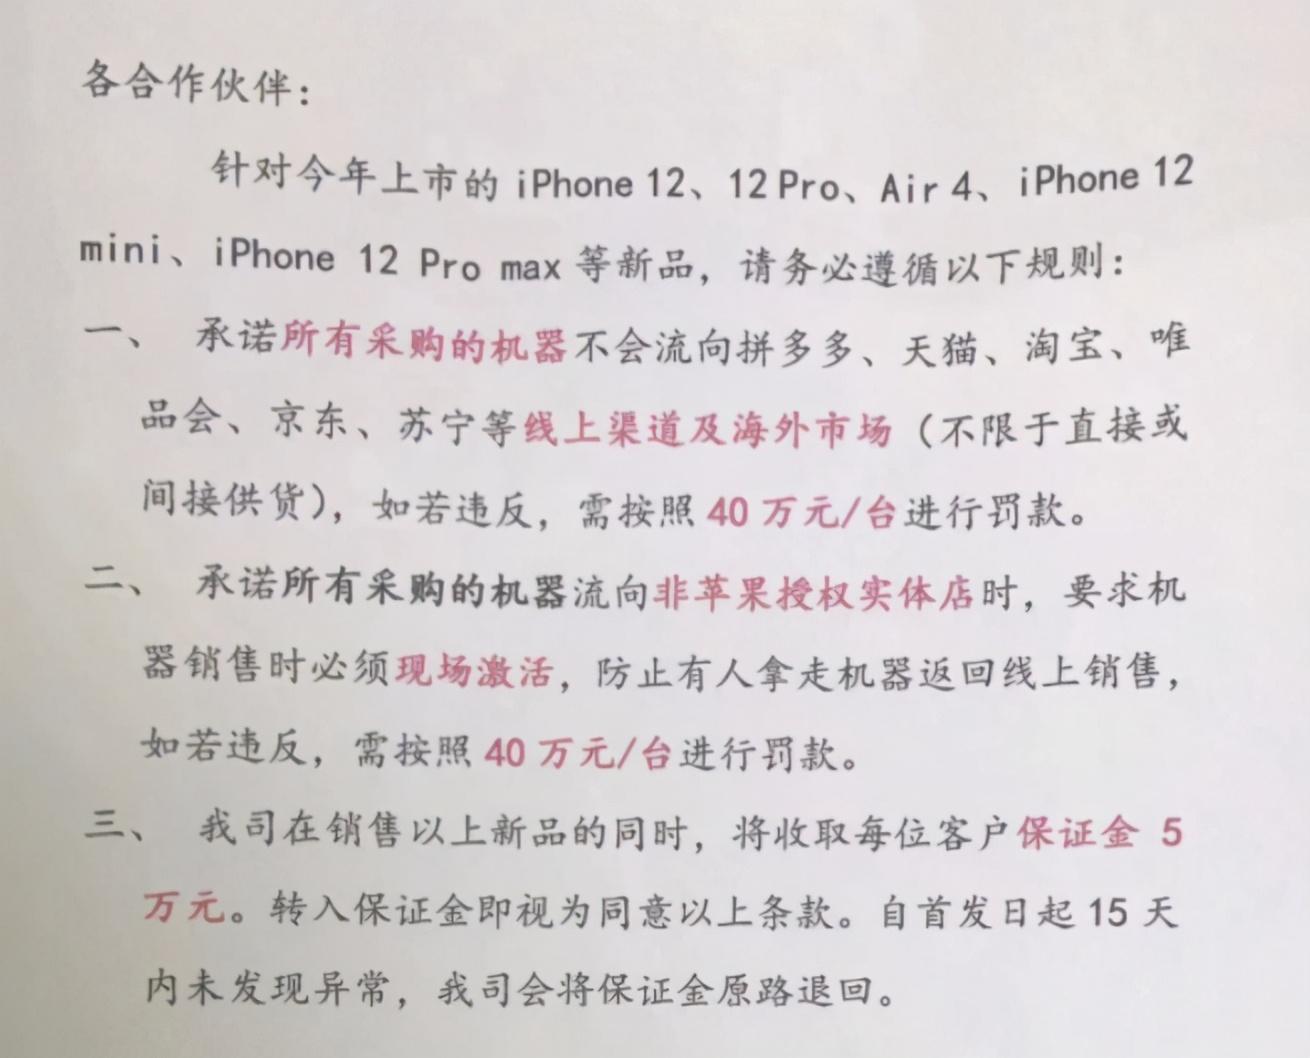 拼多多被禁止补贴iPhone12,看来只有海南版本最香了